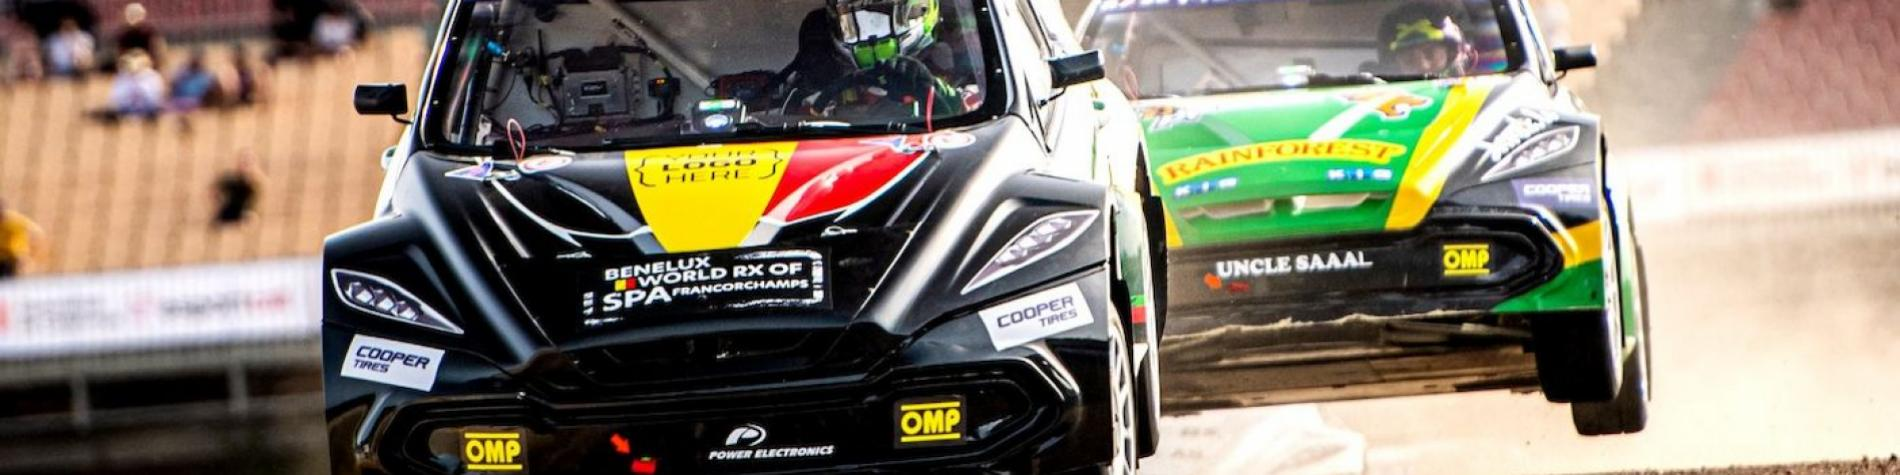 Compétition - Auto - Spa Francorchamps